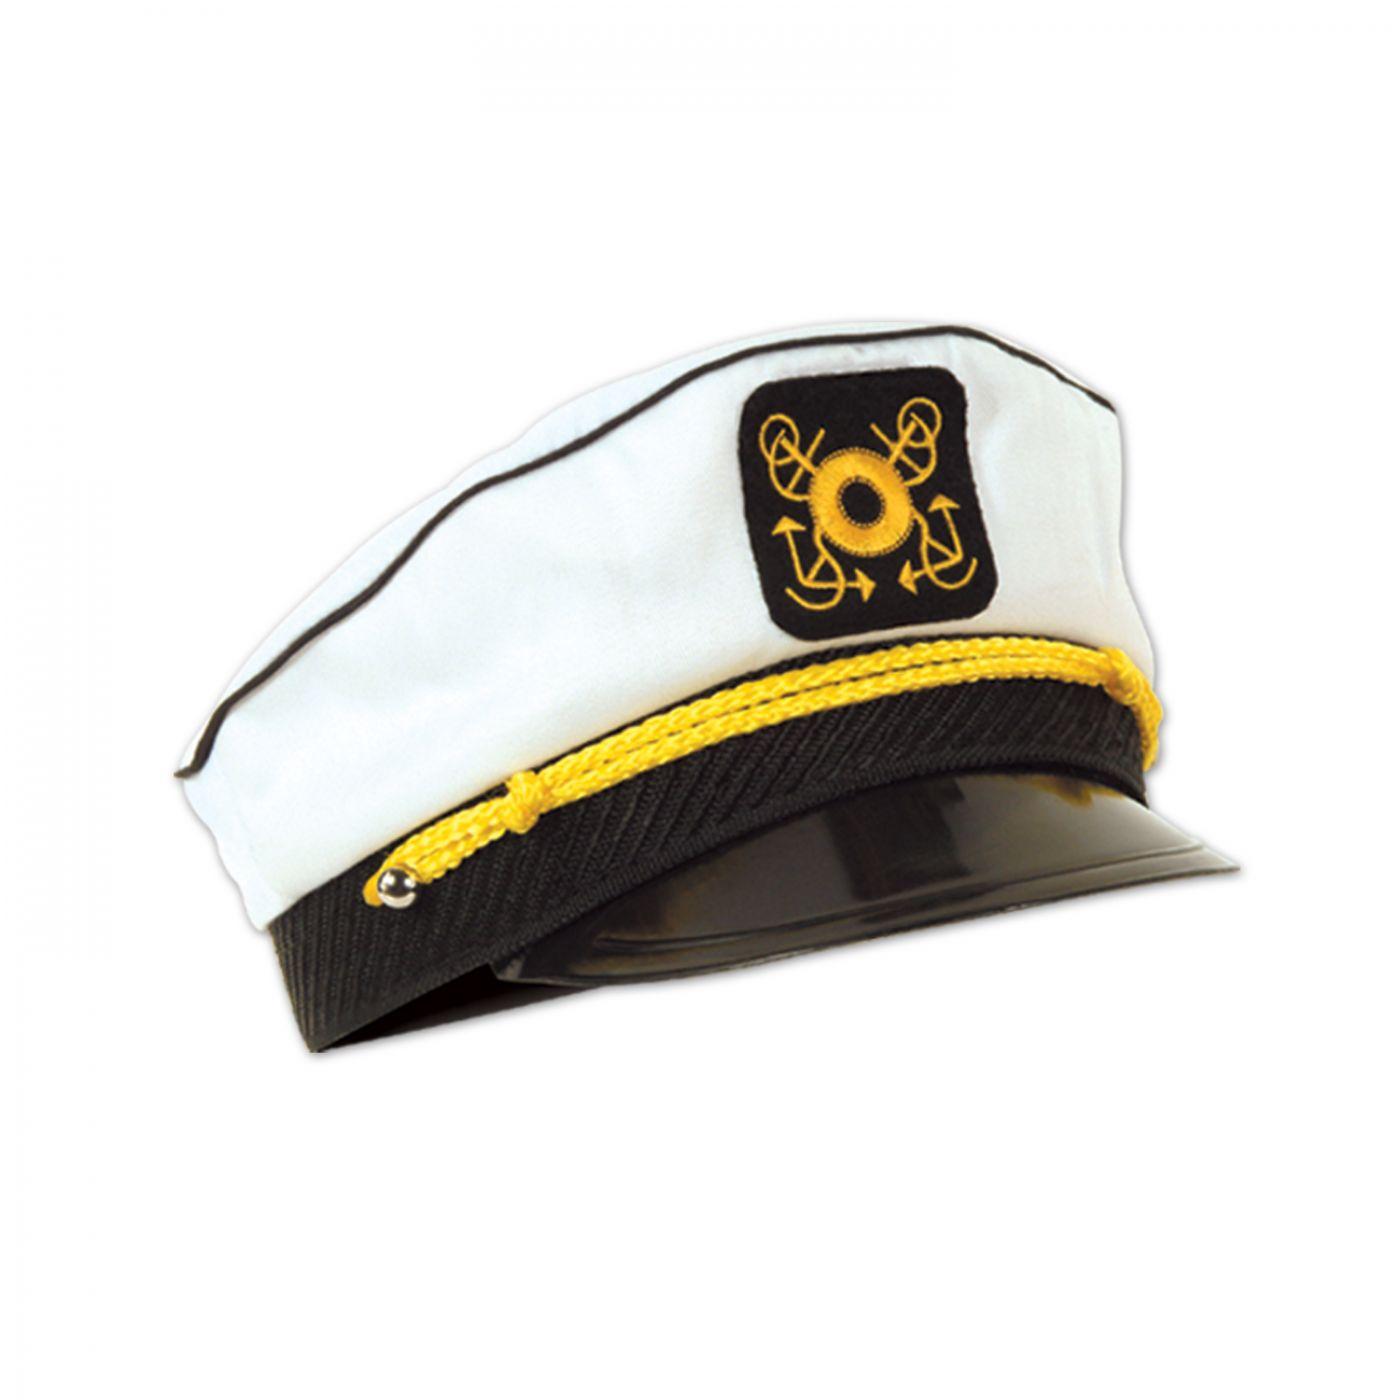 Yacht Captain's Cap image